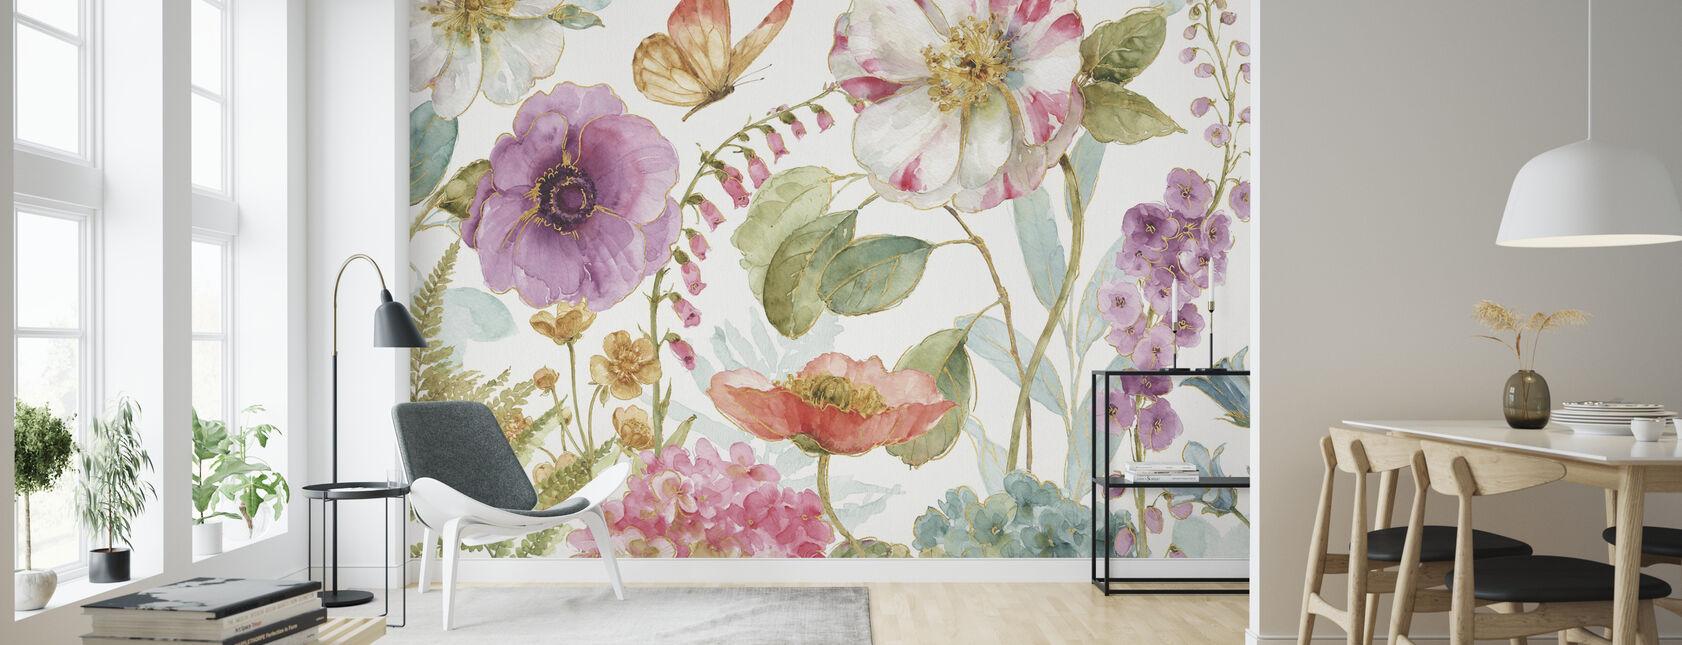 Rainbow Seeds Blumen 1 - Tapete - Wohnzimmer